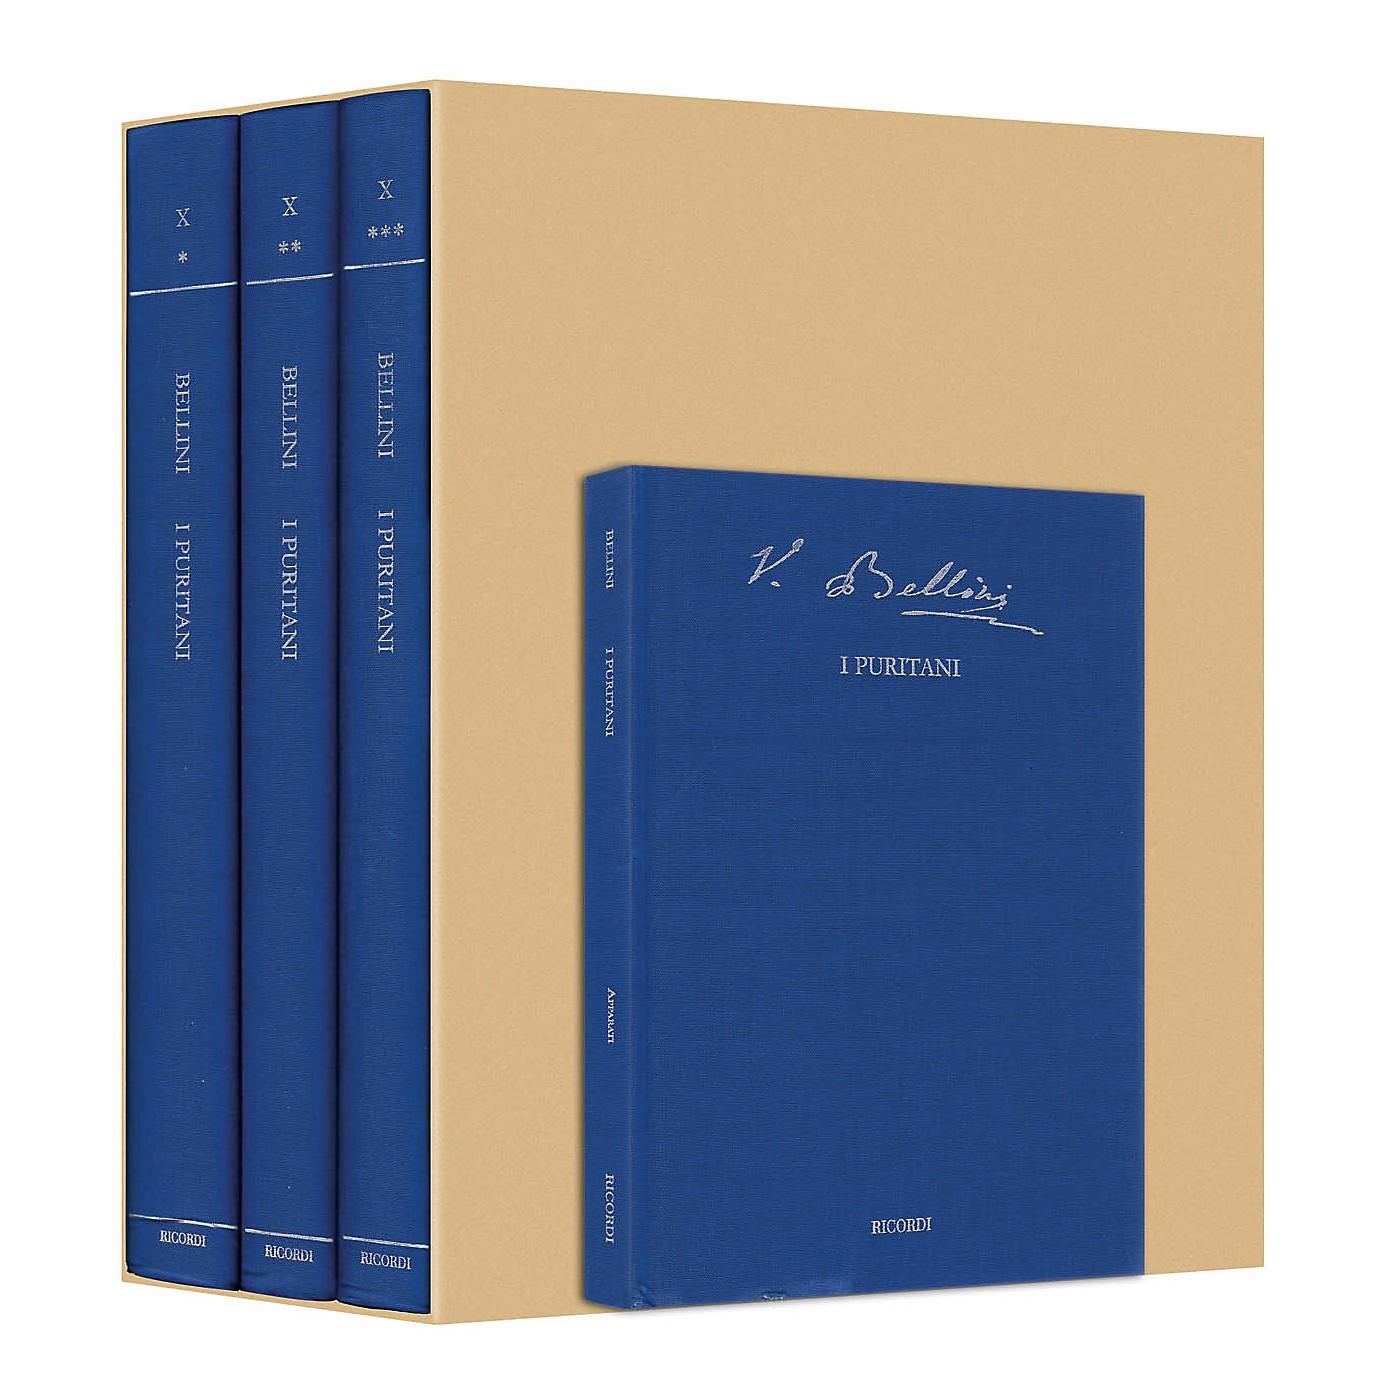 Ricordi I Puritani Bellini Critical Edition Vol. 10 Hardcover by Vincenzo Bellini Edited by Fabrizio Della Seta thumbnail